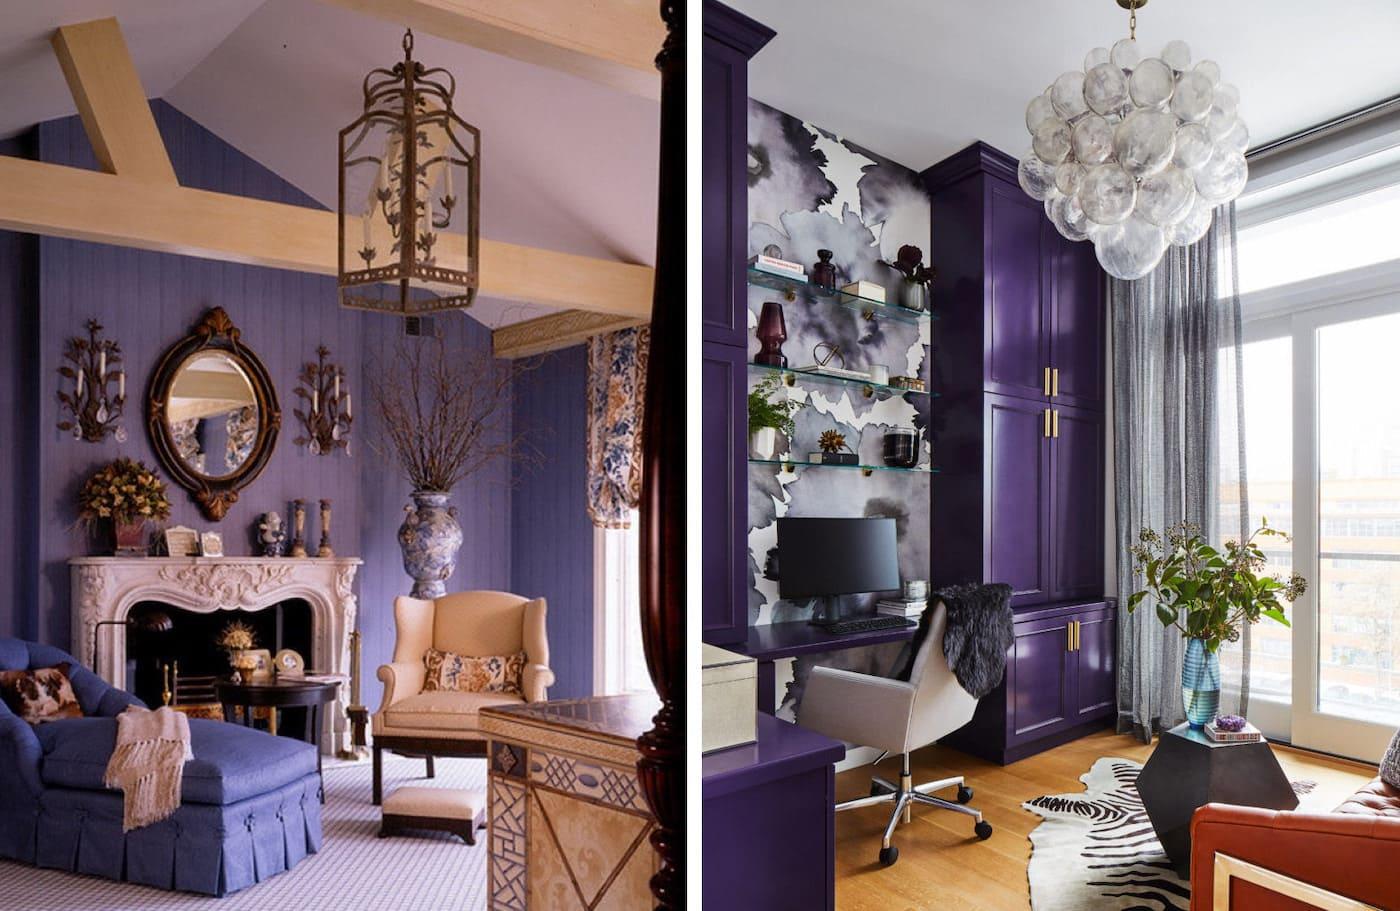 couleur violette à l'intérieur photo 18